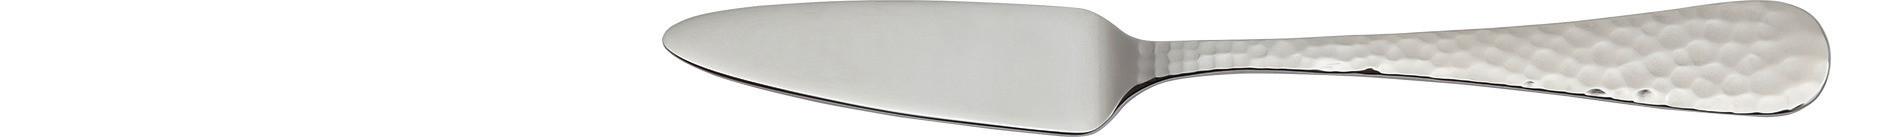 Lena, Fischmesser 205 mm